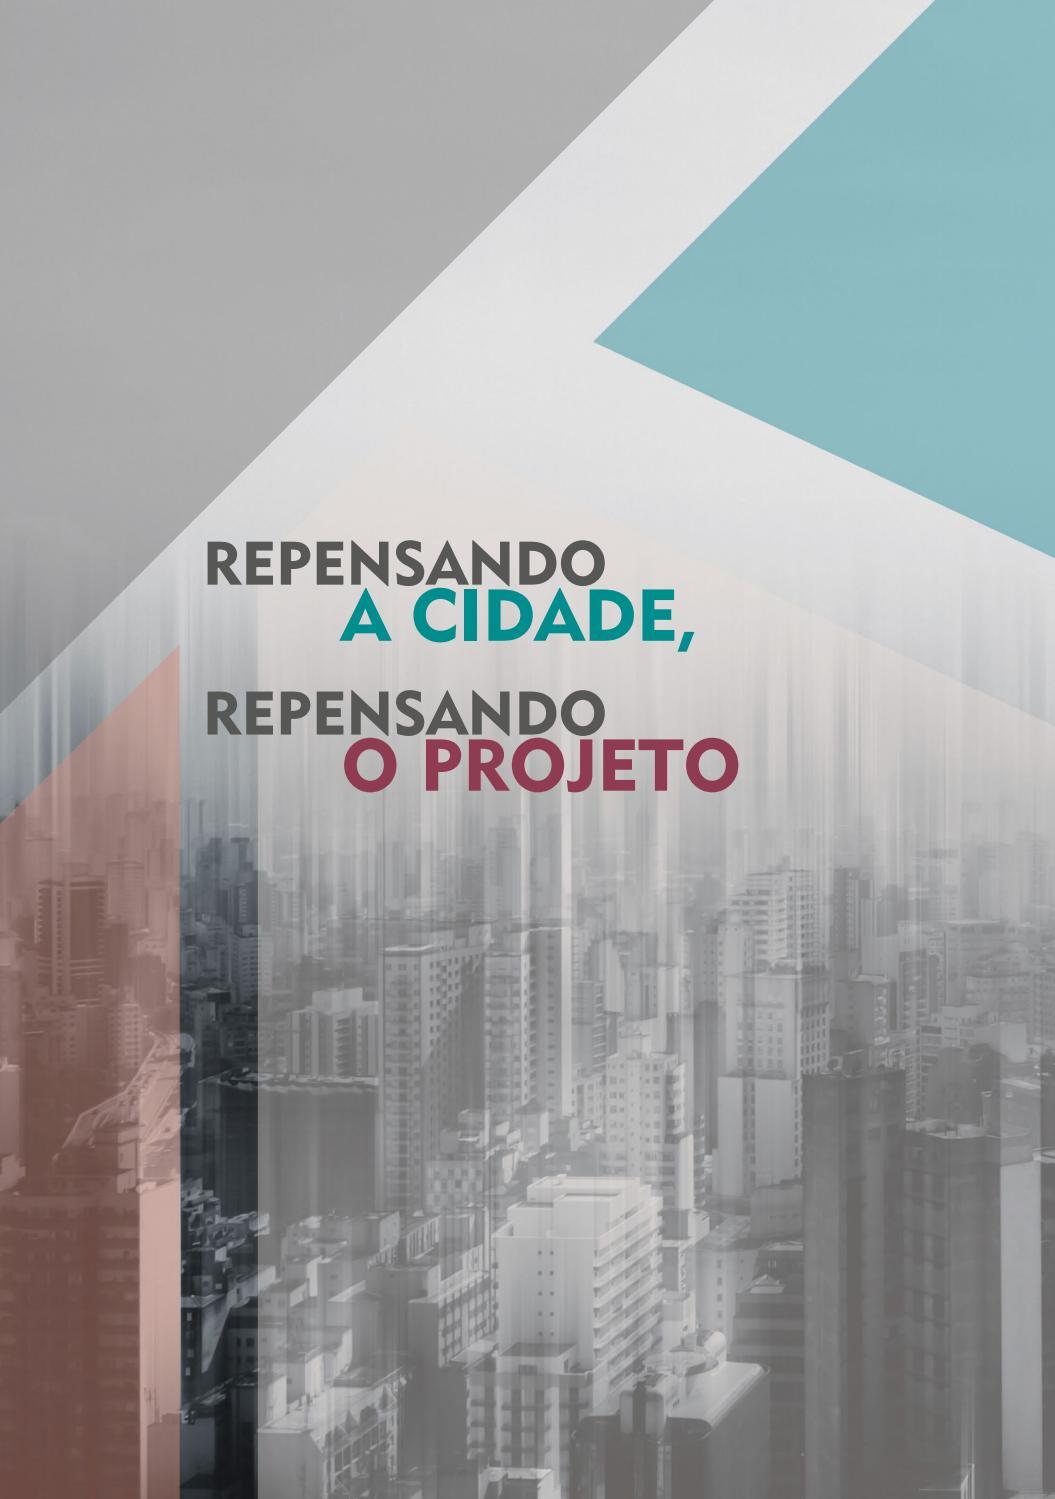 Repensando A Cidade Repensando O Projeto By Camilo Amaral Issuu